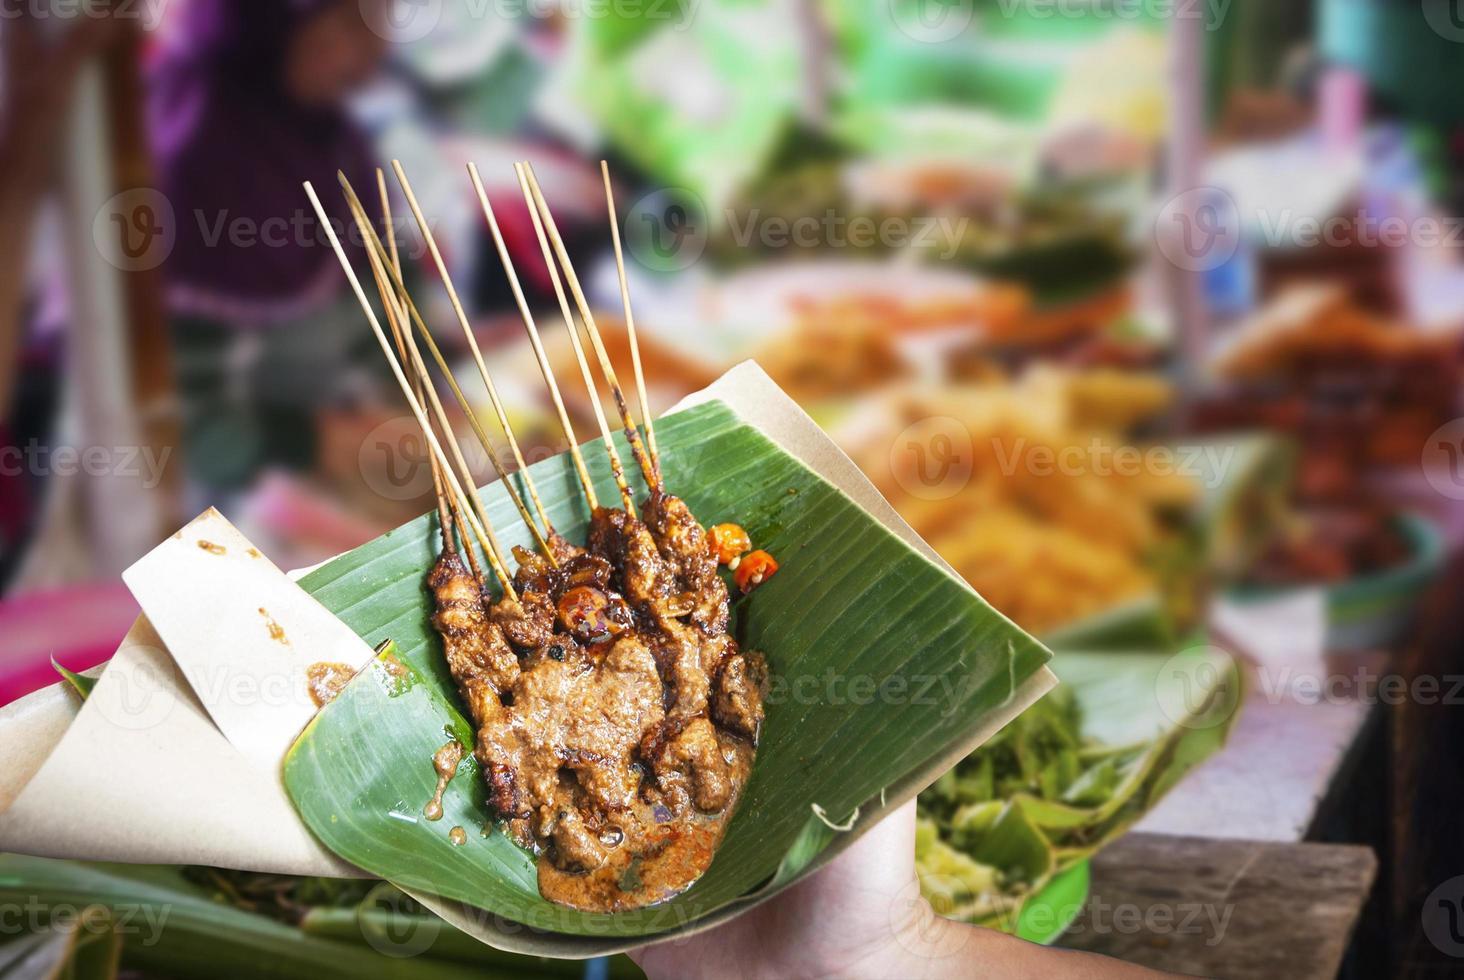 poulet satay indonésien en feuille photo